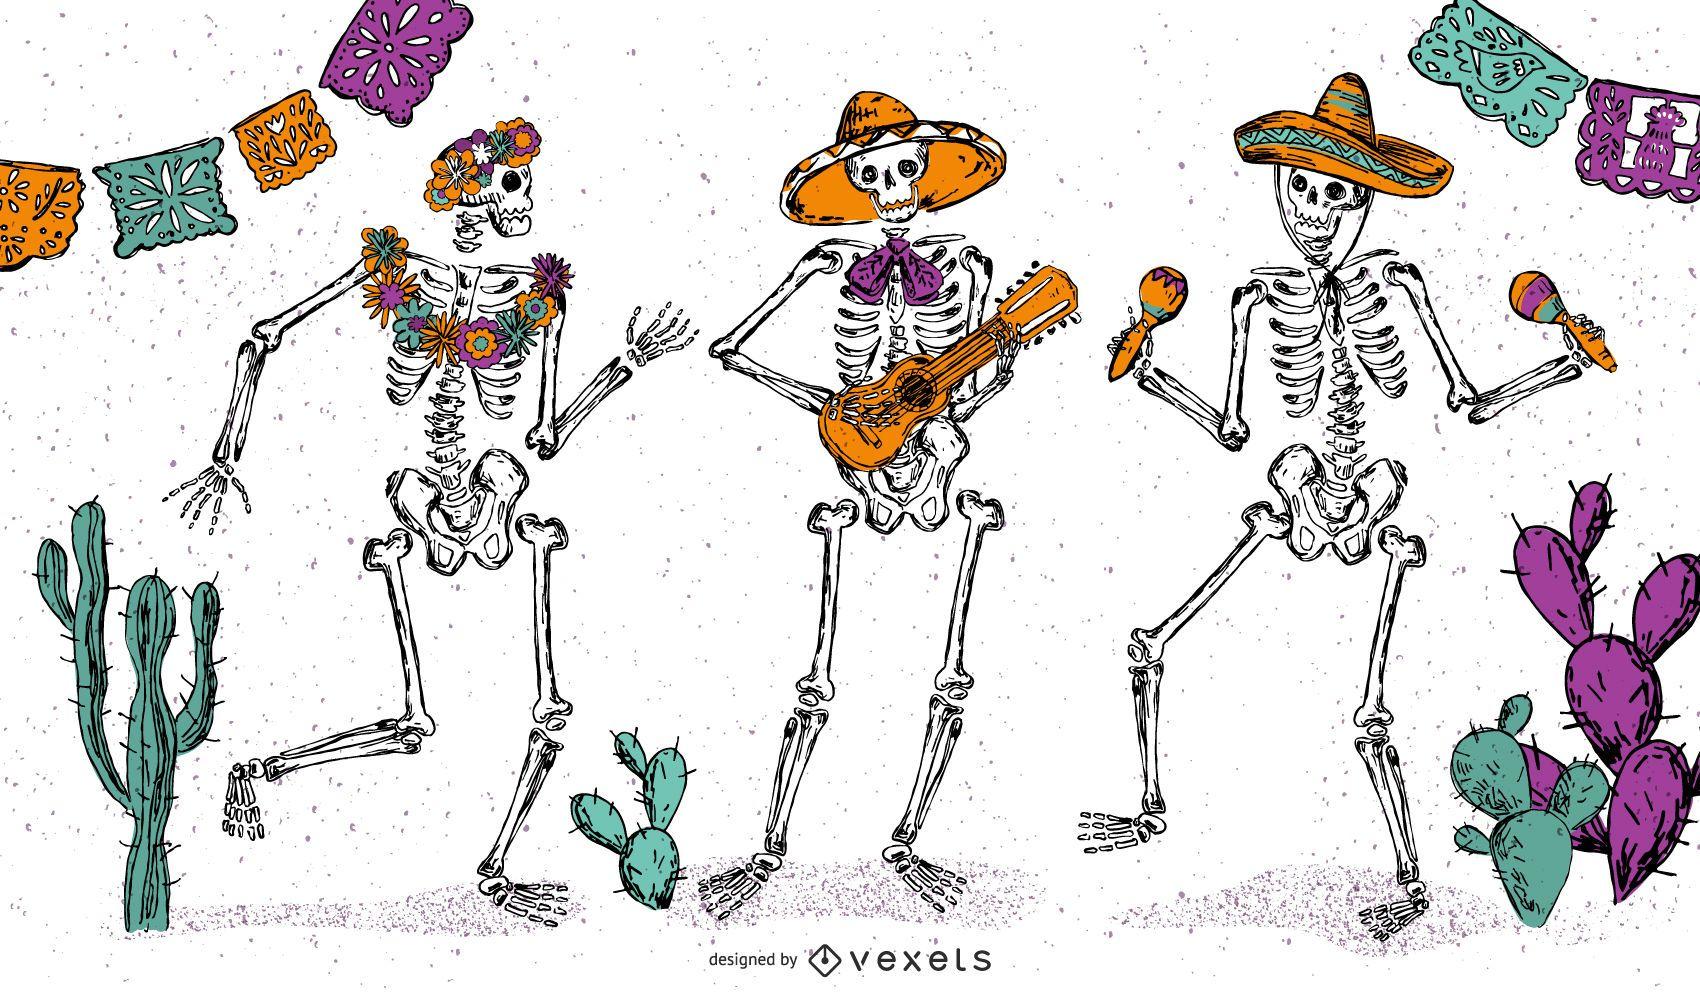 Projeto da ilustração do esqueleto 5 de Mayo